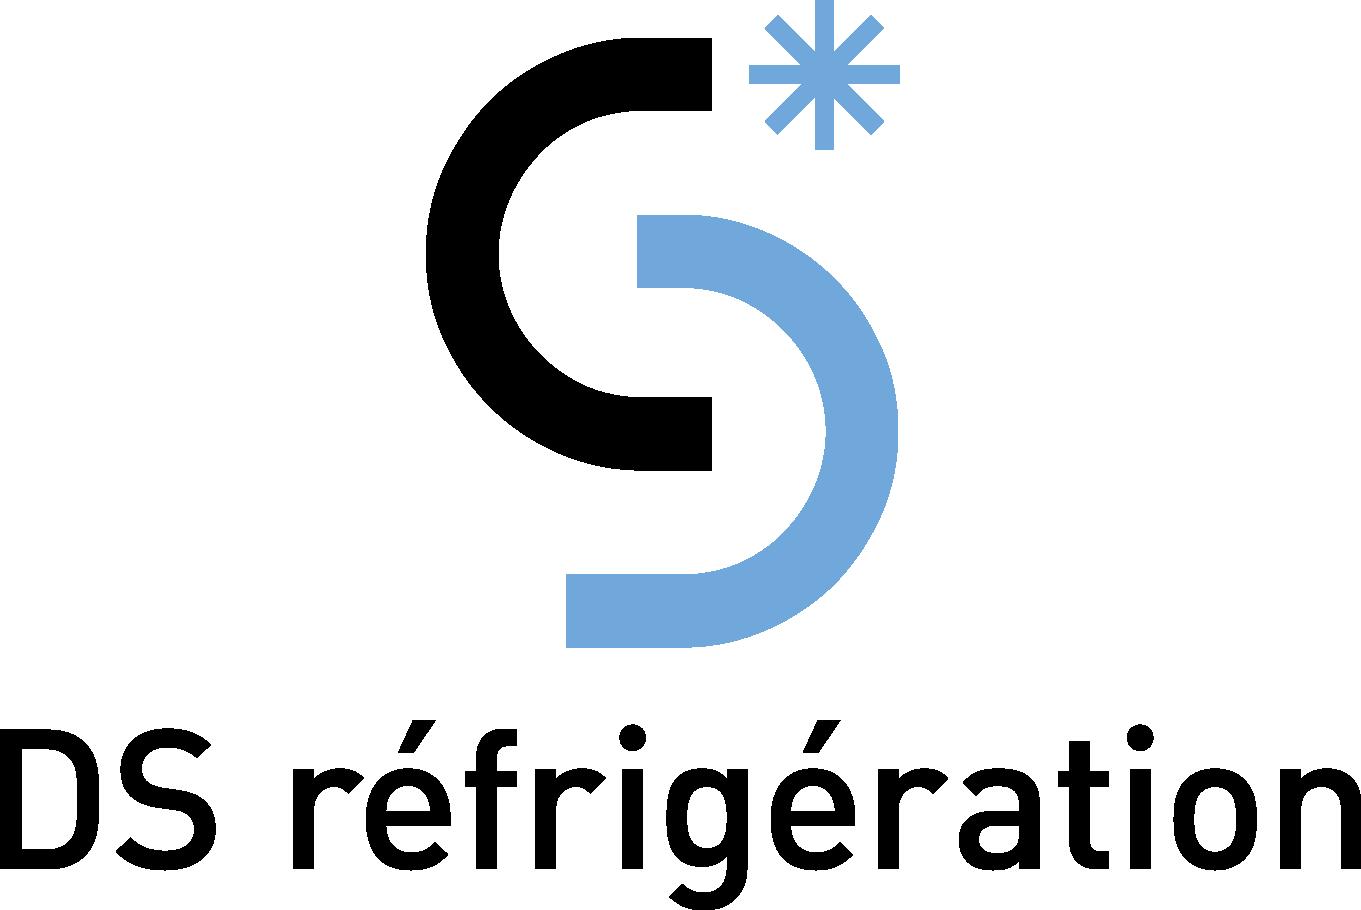 DS_réfrigération_centré_bleu+noir